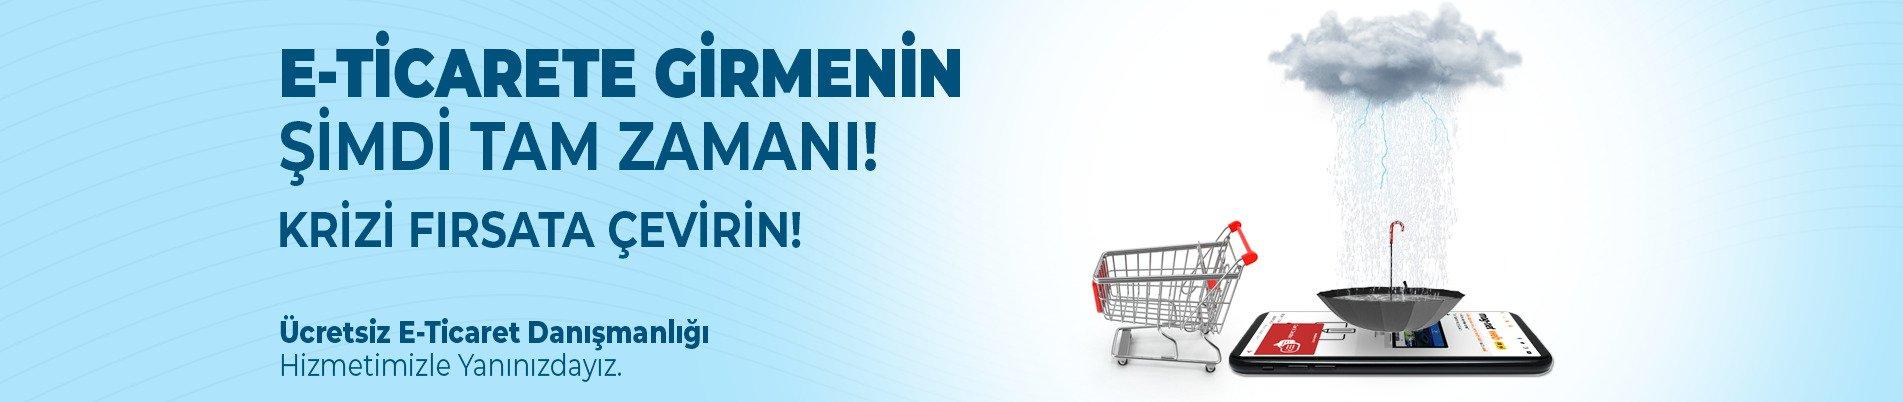 Adana E-Ticaret Çözümleri